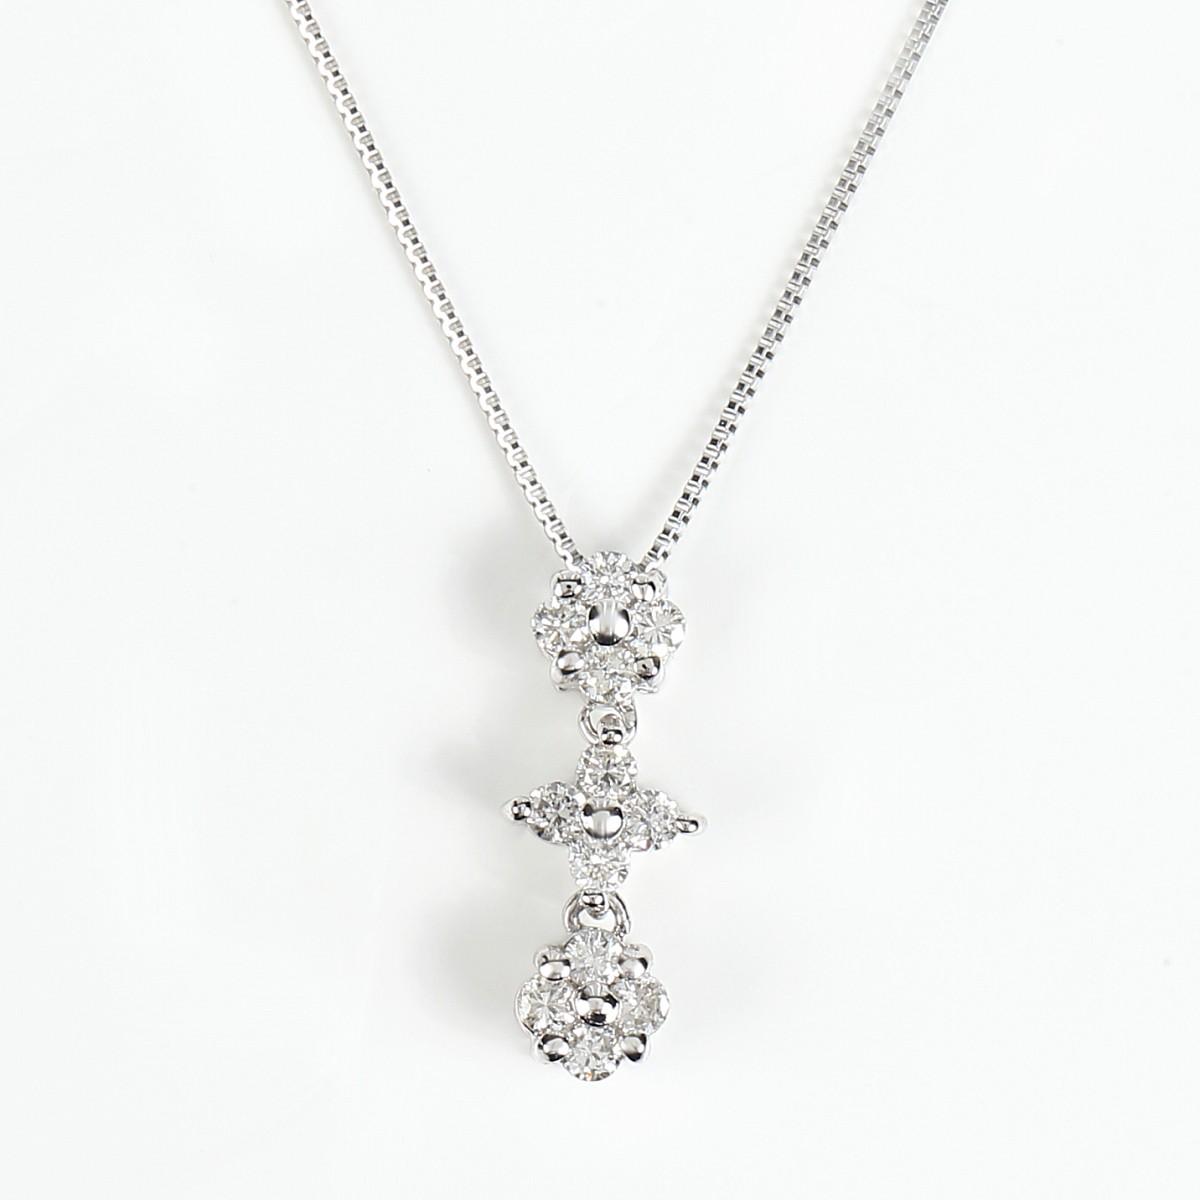 K18WG ダイヤモンドネックレス ダイヤ 0.2ct (K18WG 0.5mm 40cm ベネチアンチェーン)トップの通し方でハートにもなります。2Way